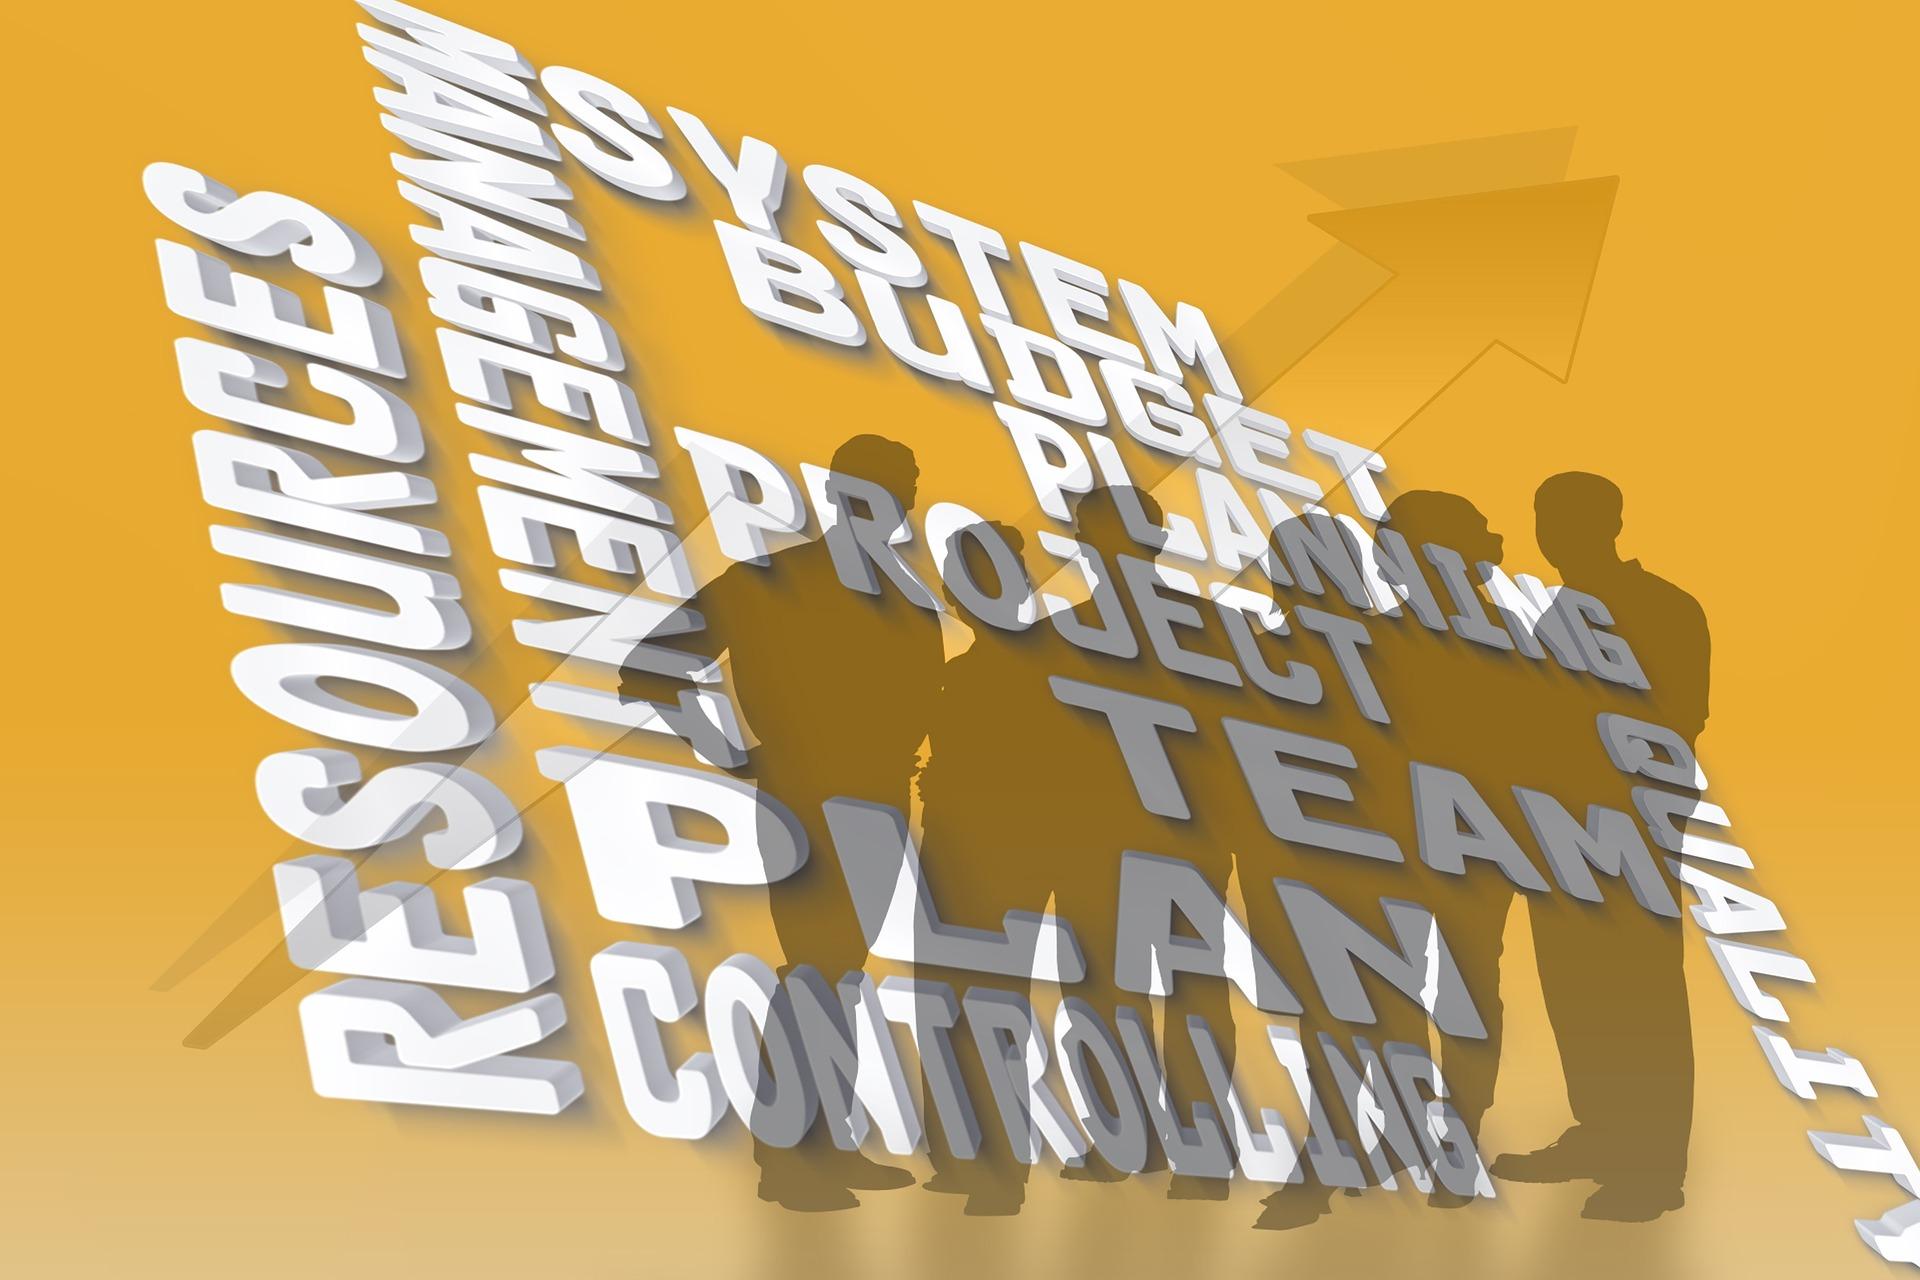 Sistemas de gestión de calidad: algunas reglas básicas